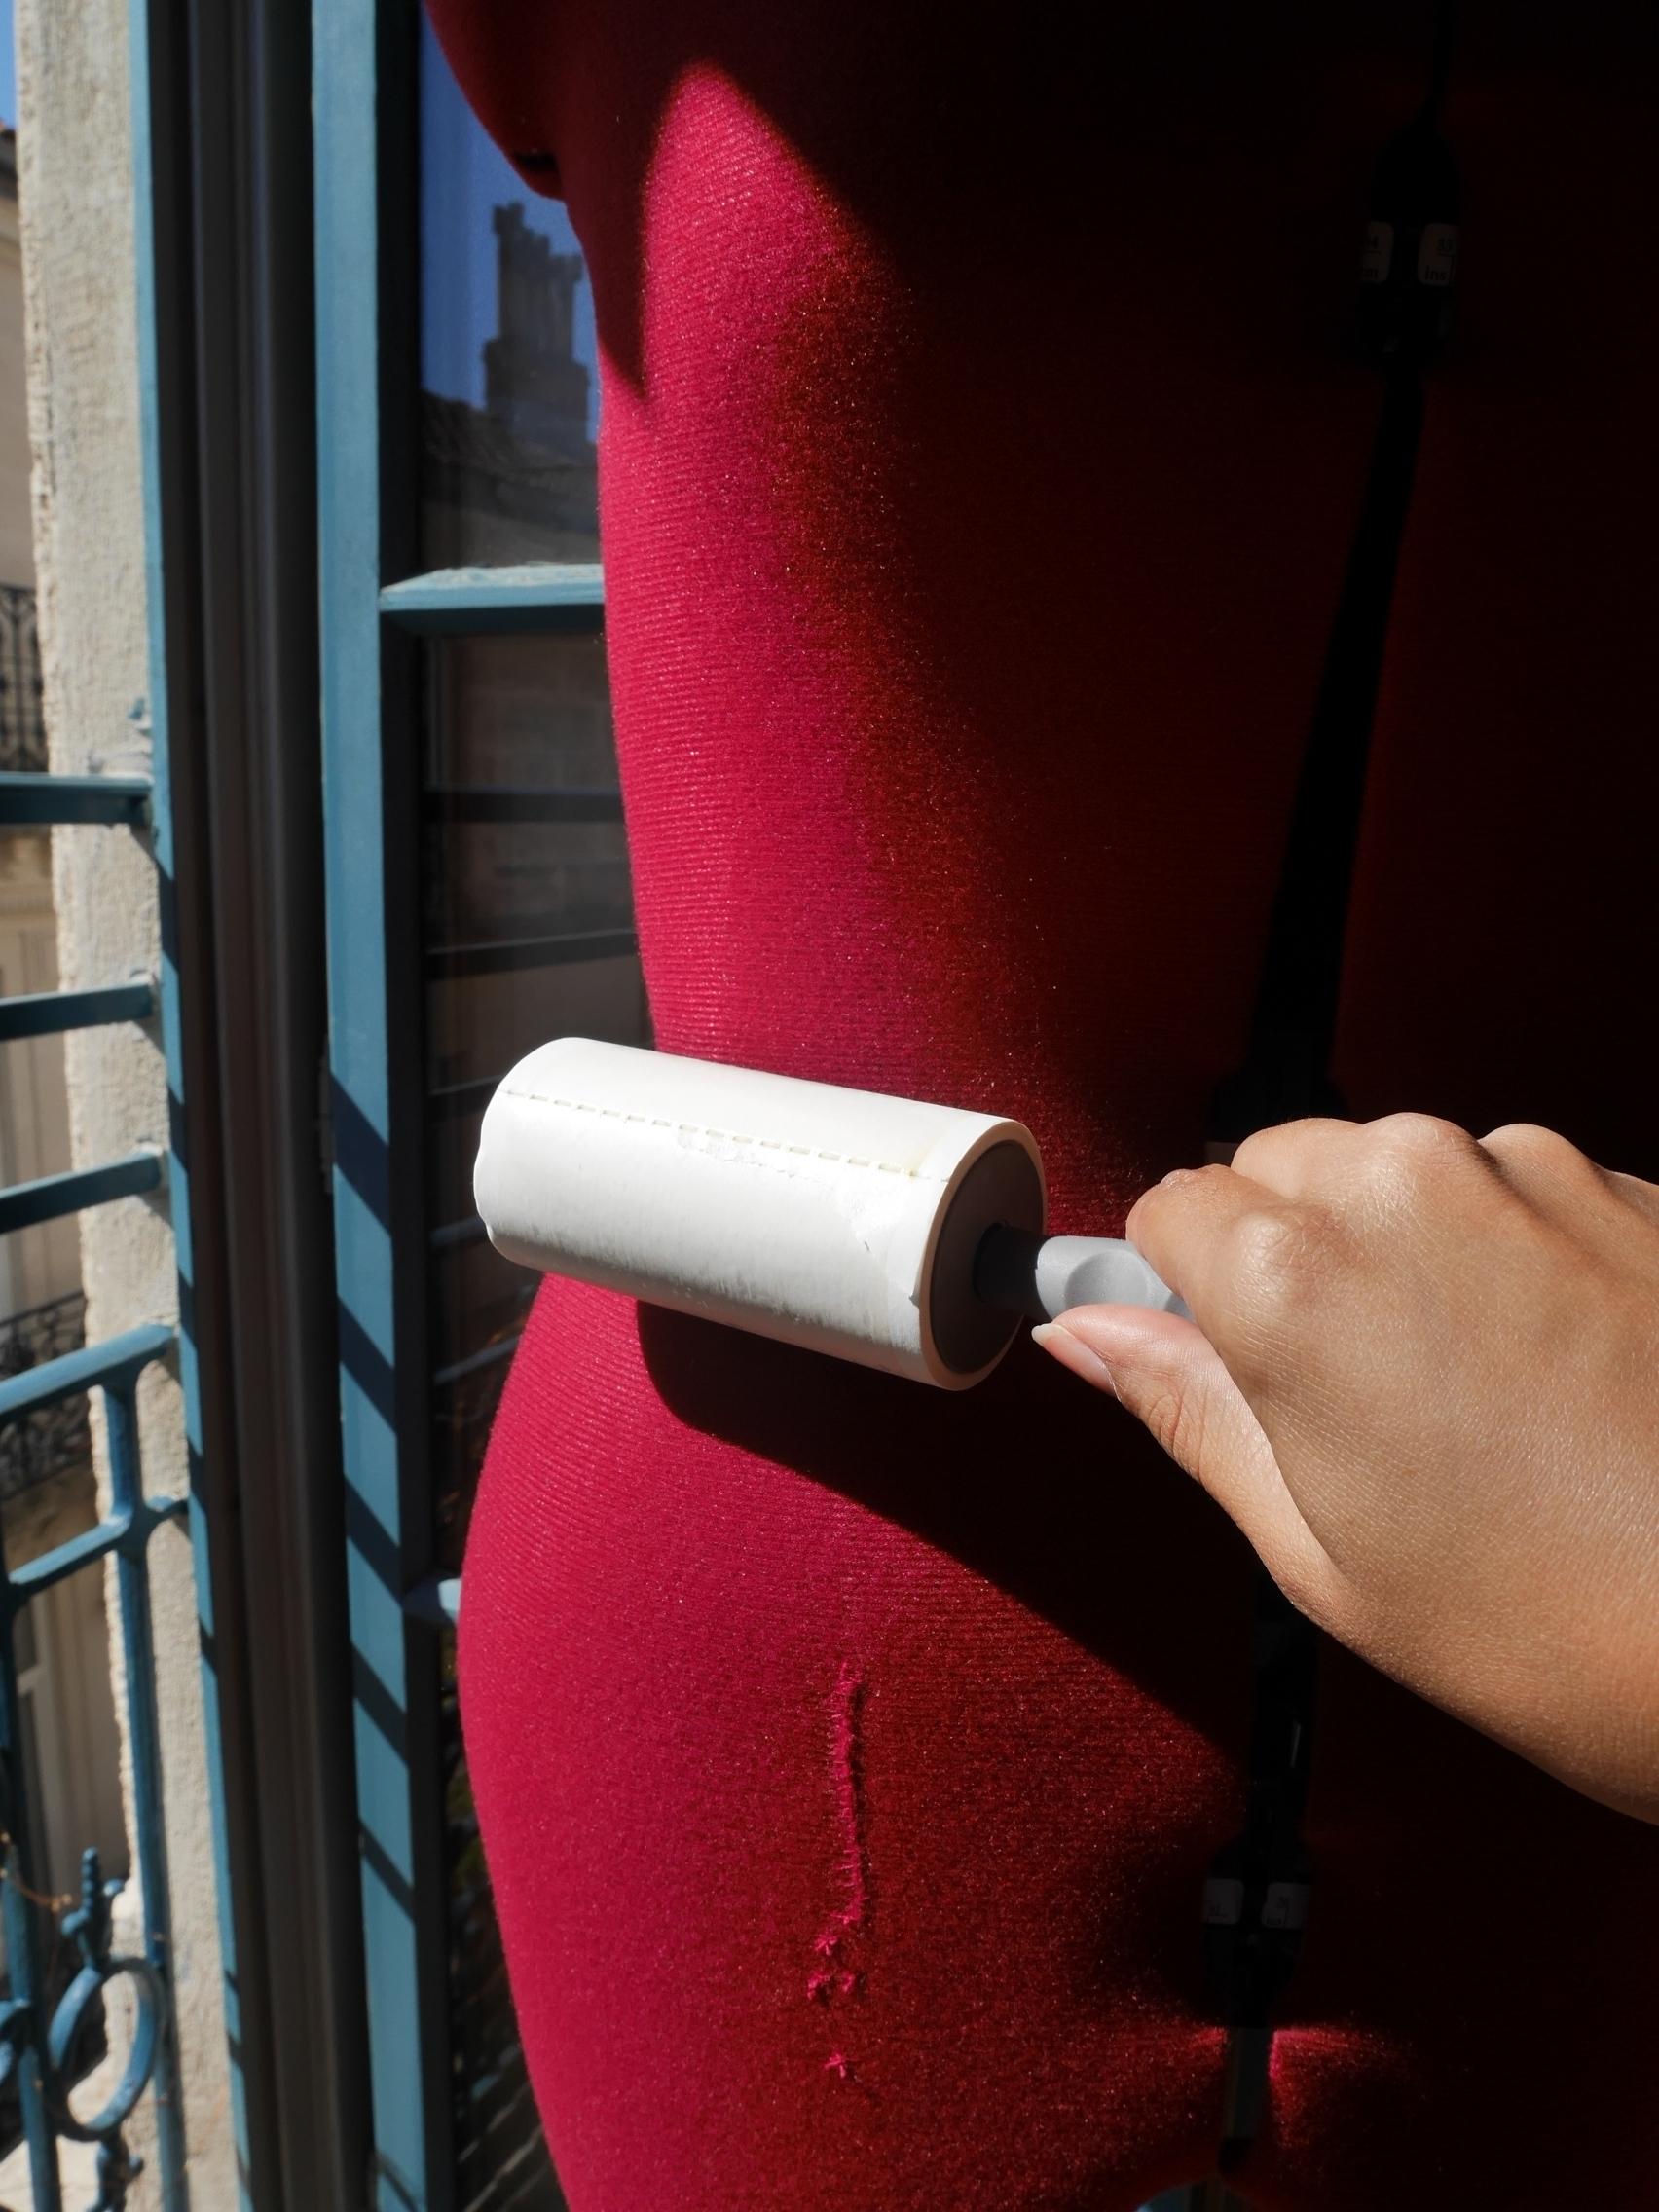 Etape 1 - Enlever la poussière et tout ce qui peut être accroché au tissu recouvrant le buste de couture, afin de laisser le mannequin propre.